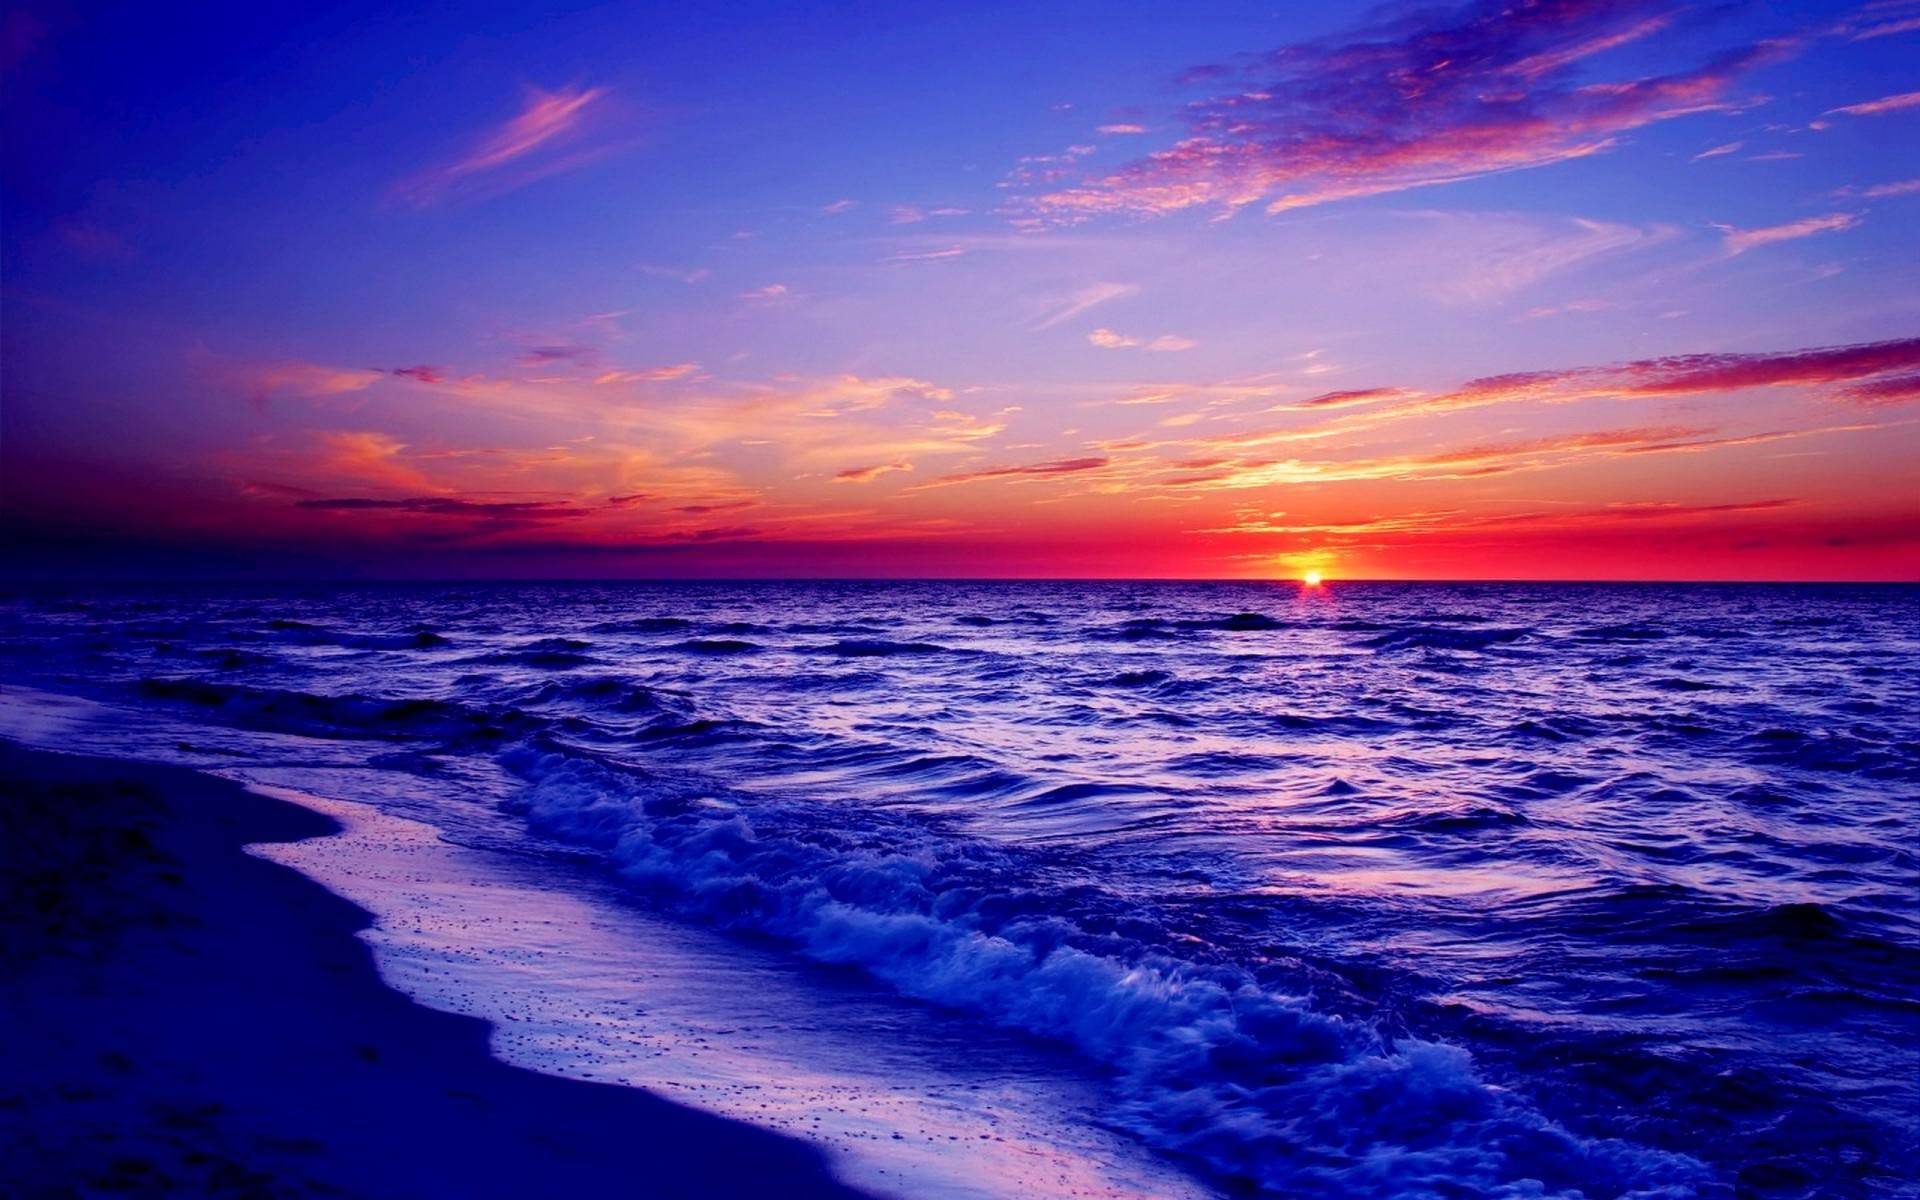 данным мвд, фотообои для рабочего стола море солнце закат хз, конечно